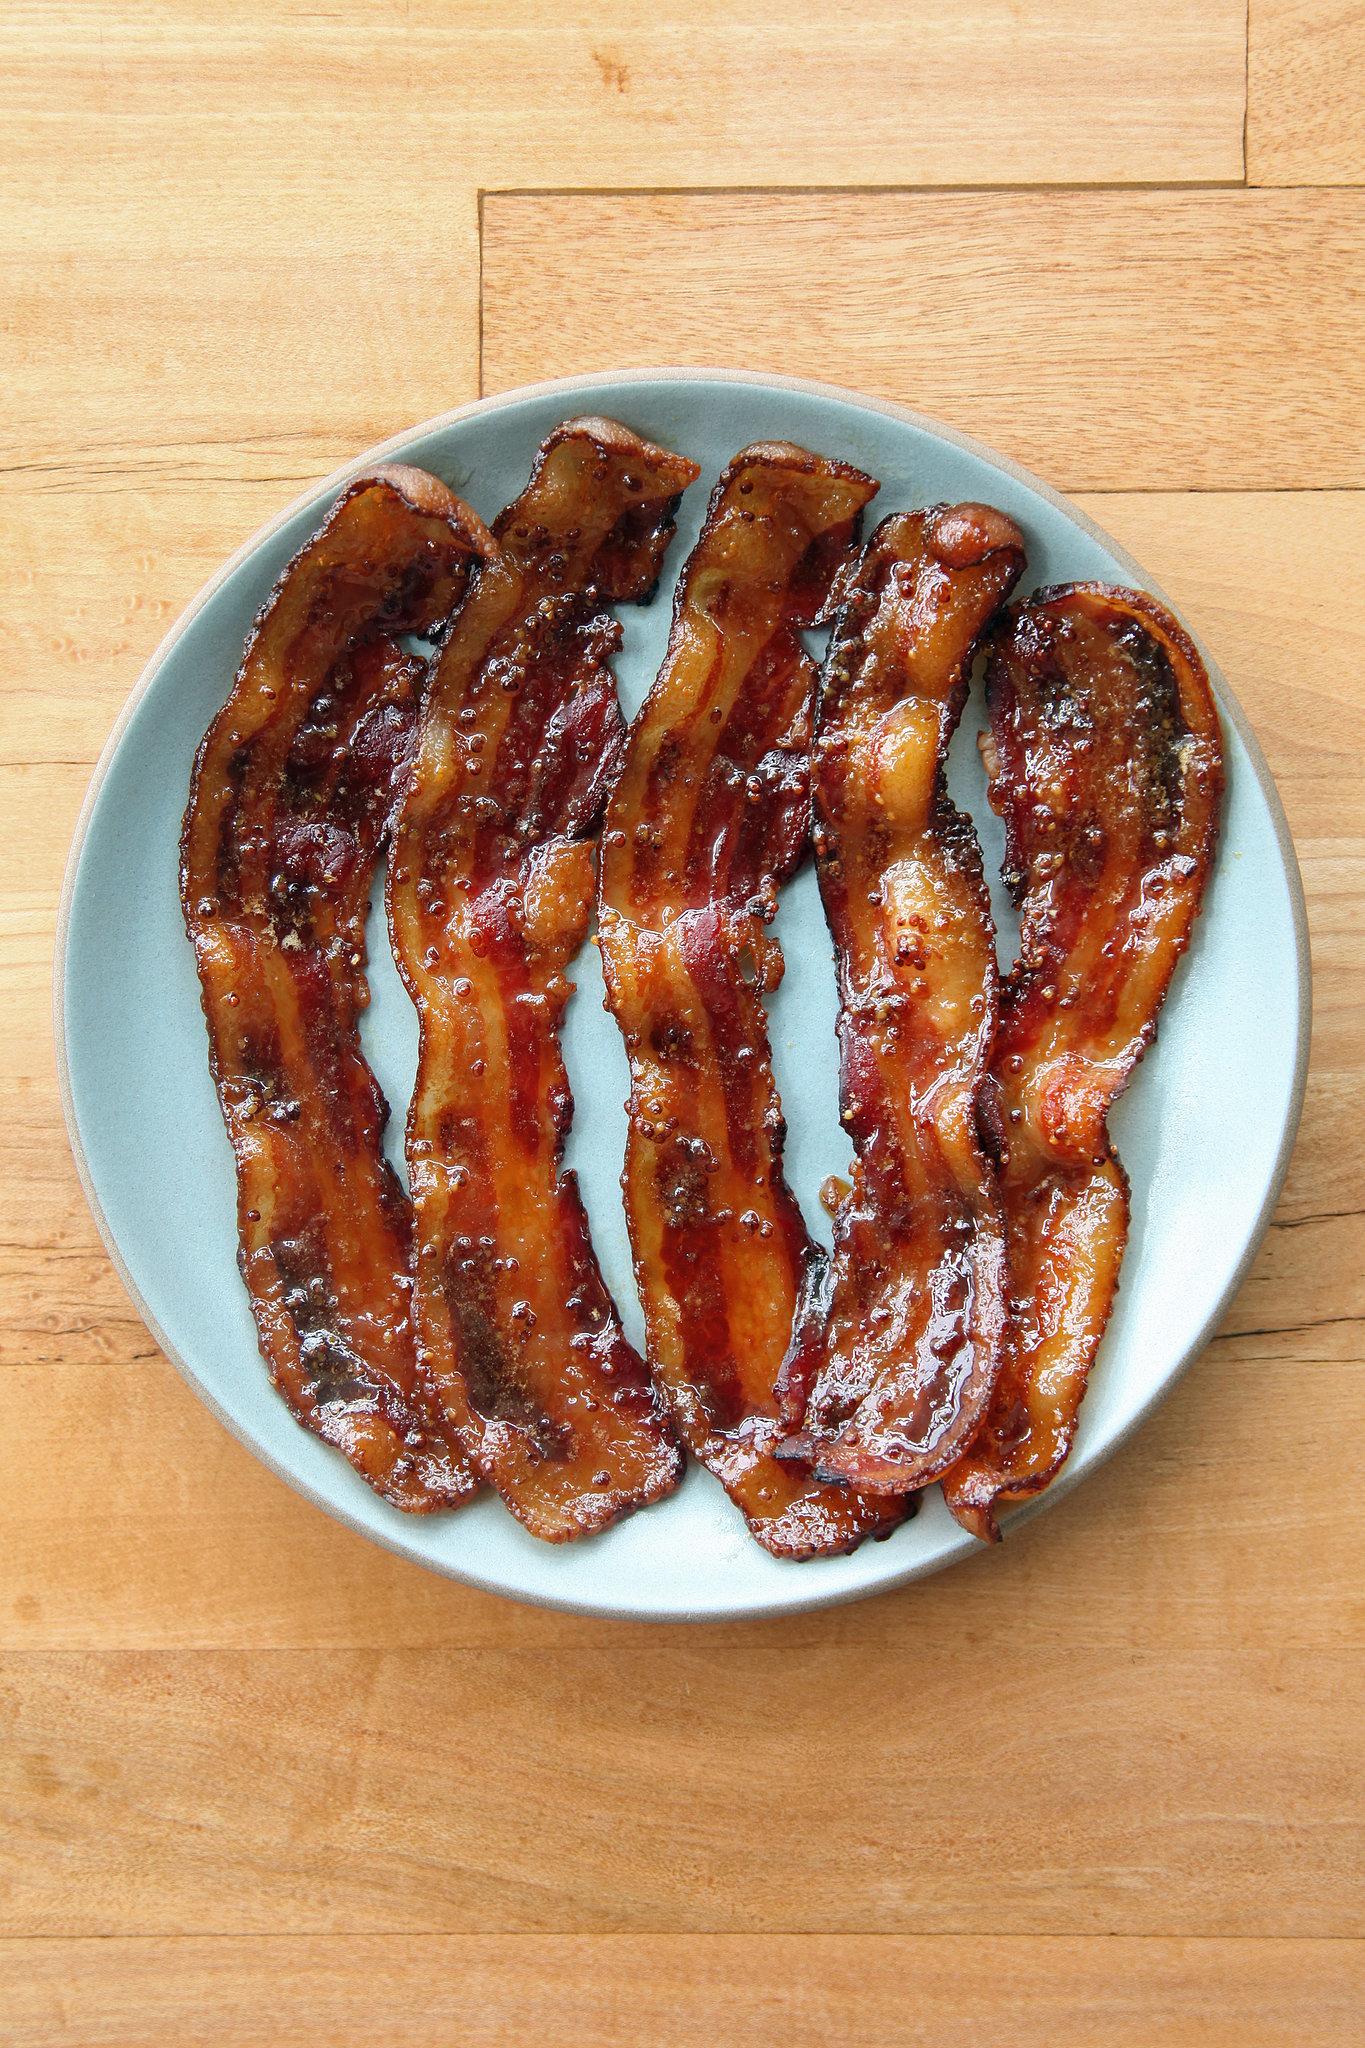 4c5bc3e3934aabd4_Beer-Glazed-Bacon.xxxlarge_2x.jpg